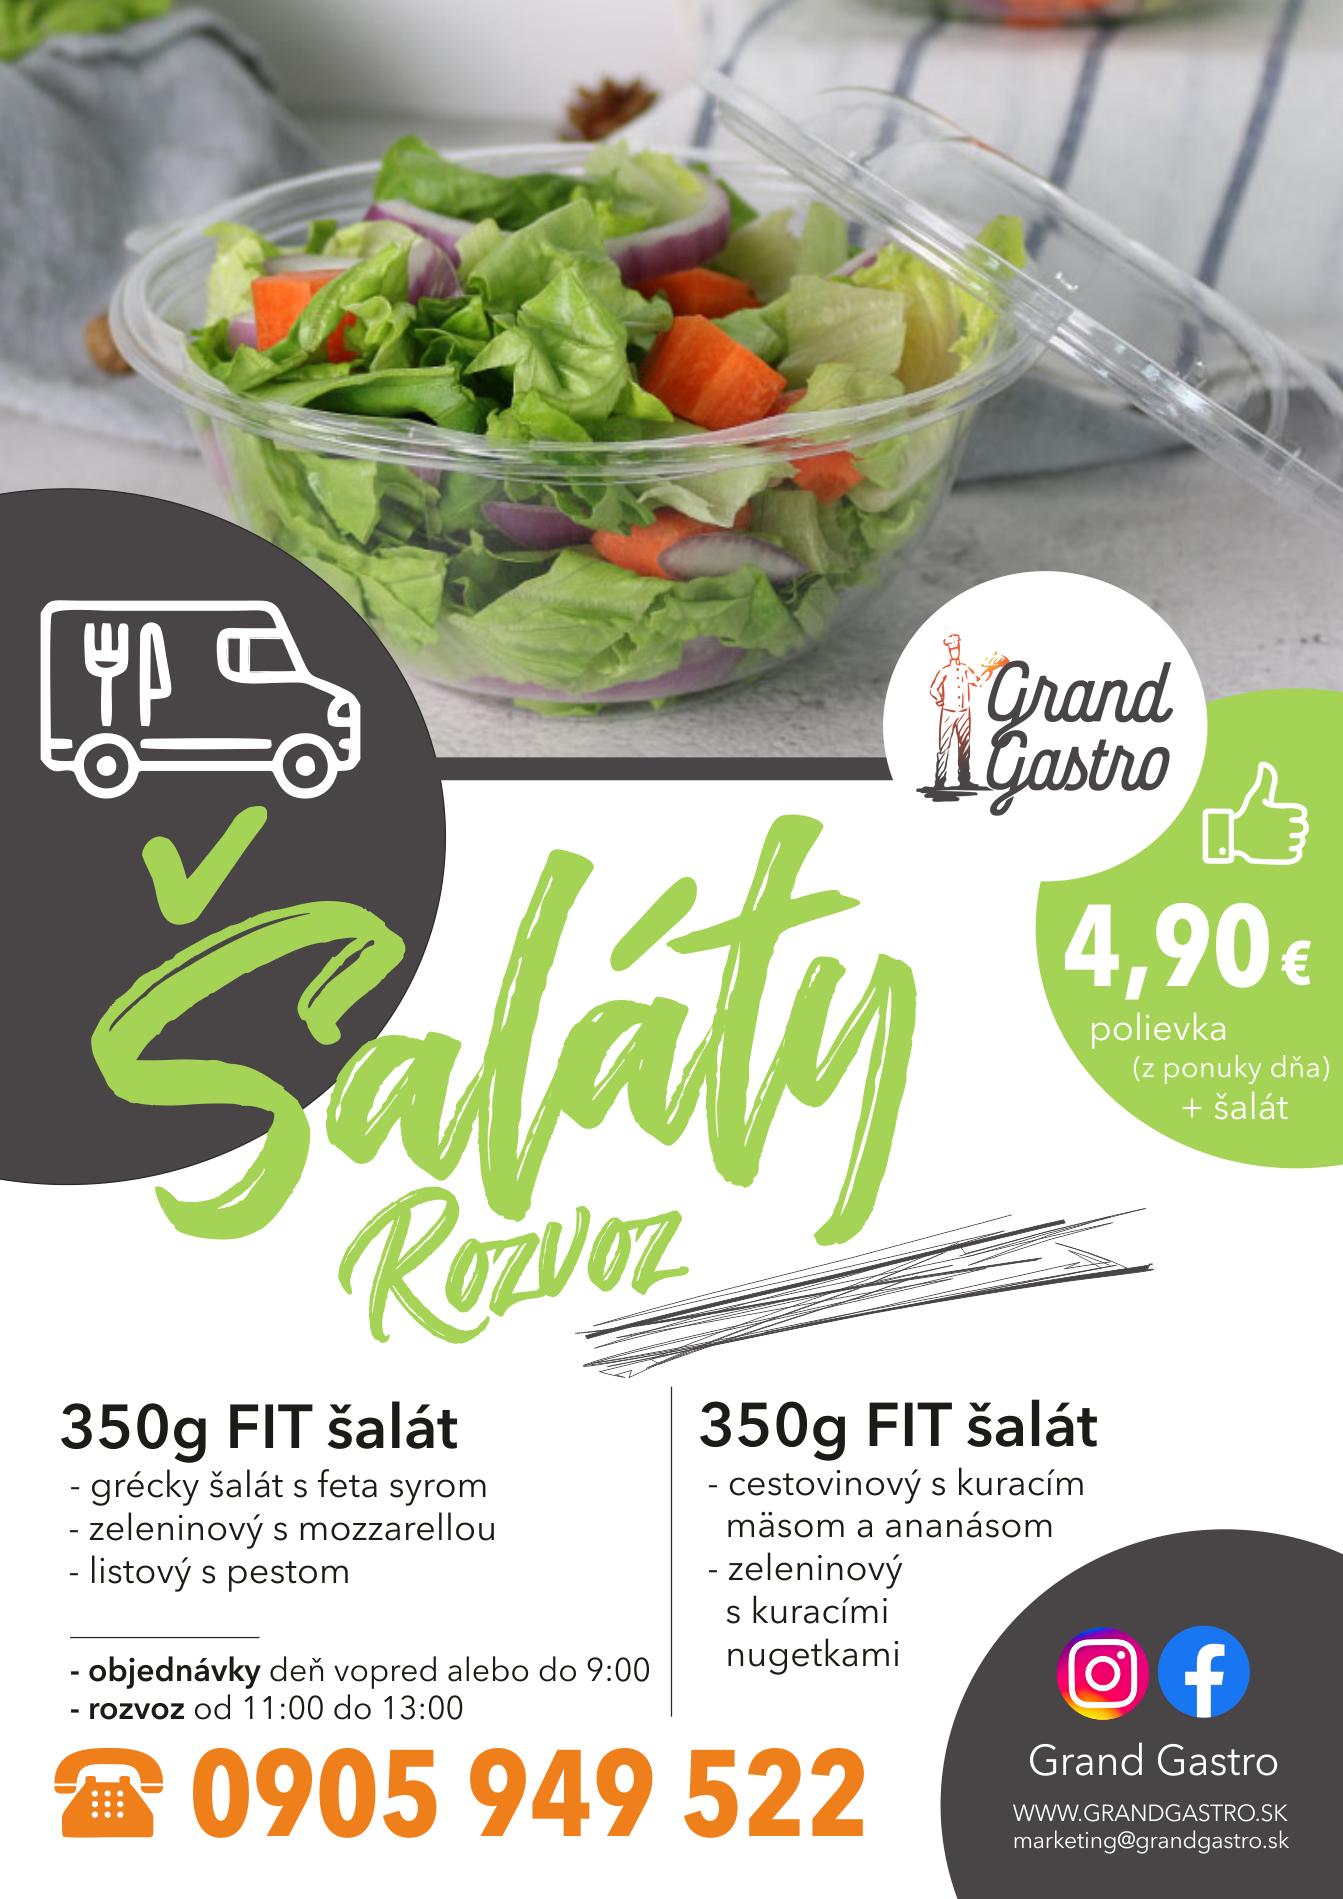 rozvoz GALANTA_salaty